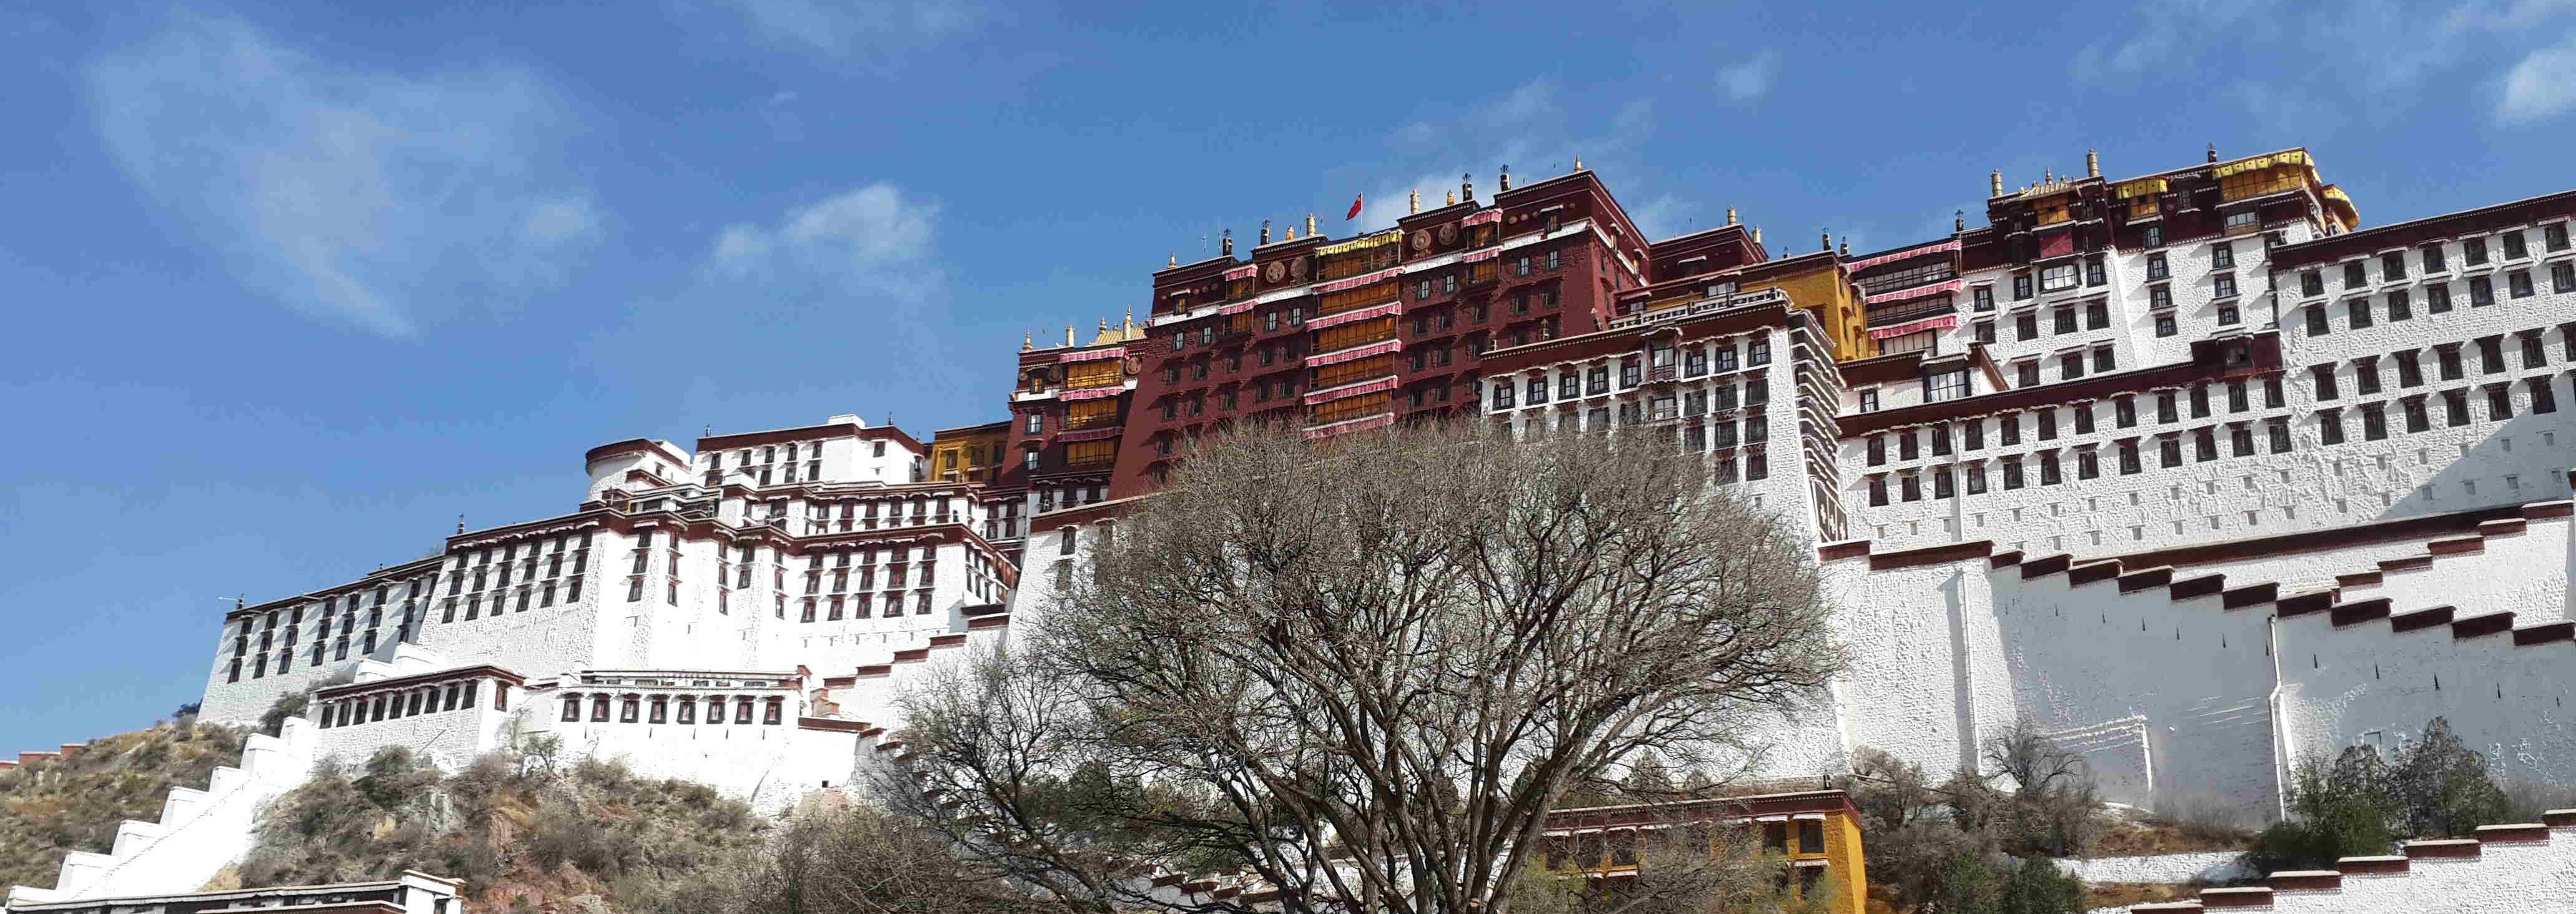 Vales de Kathmandu, Lhasa, Gyantse e Shigatse